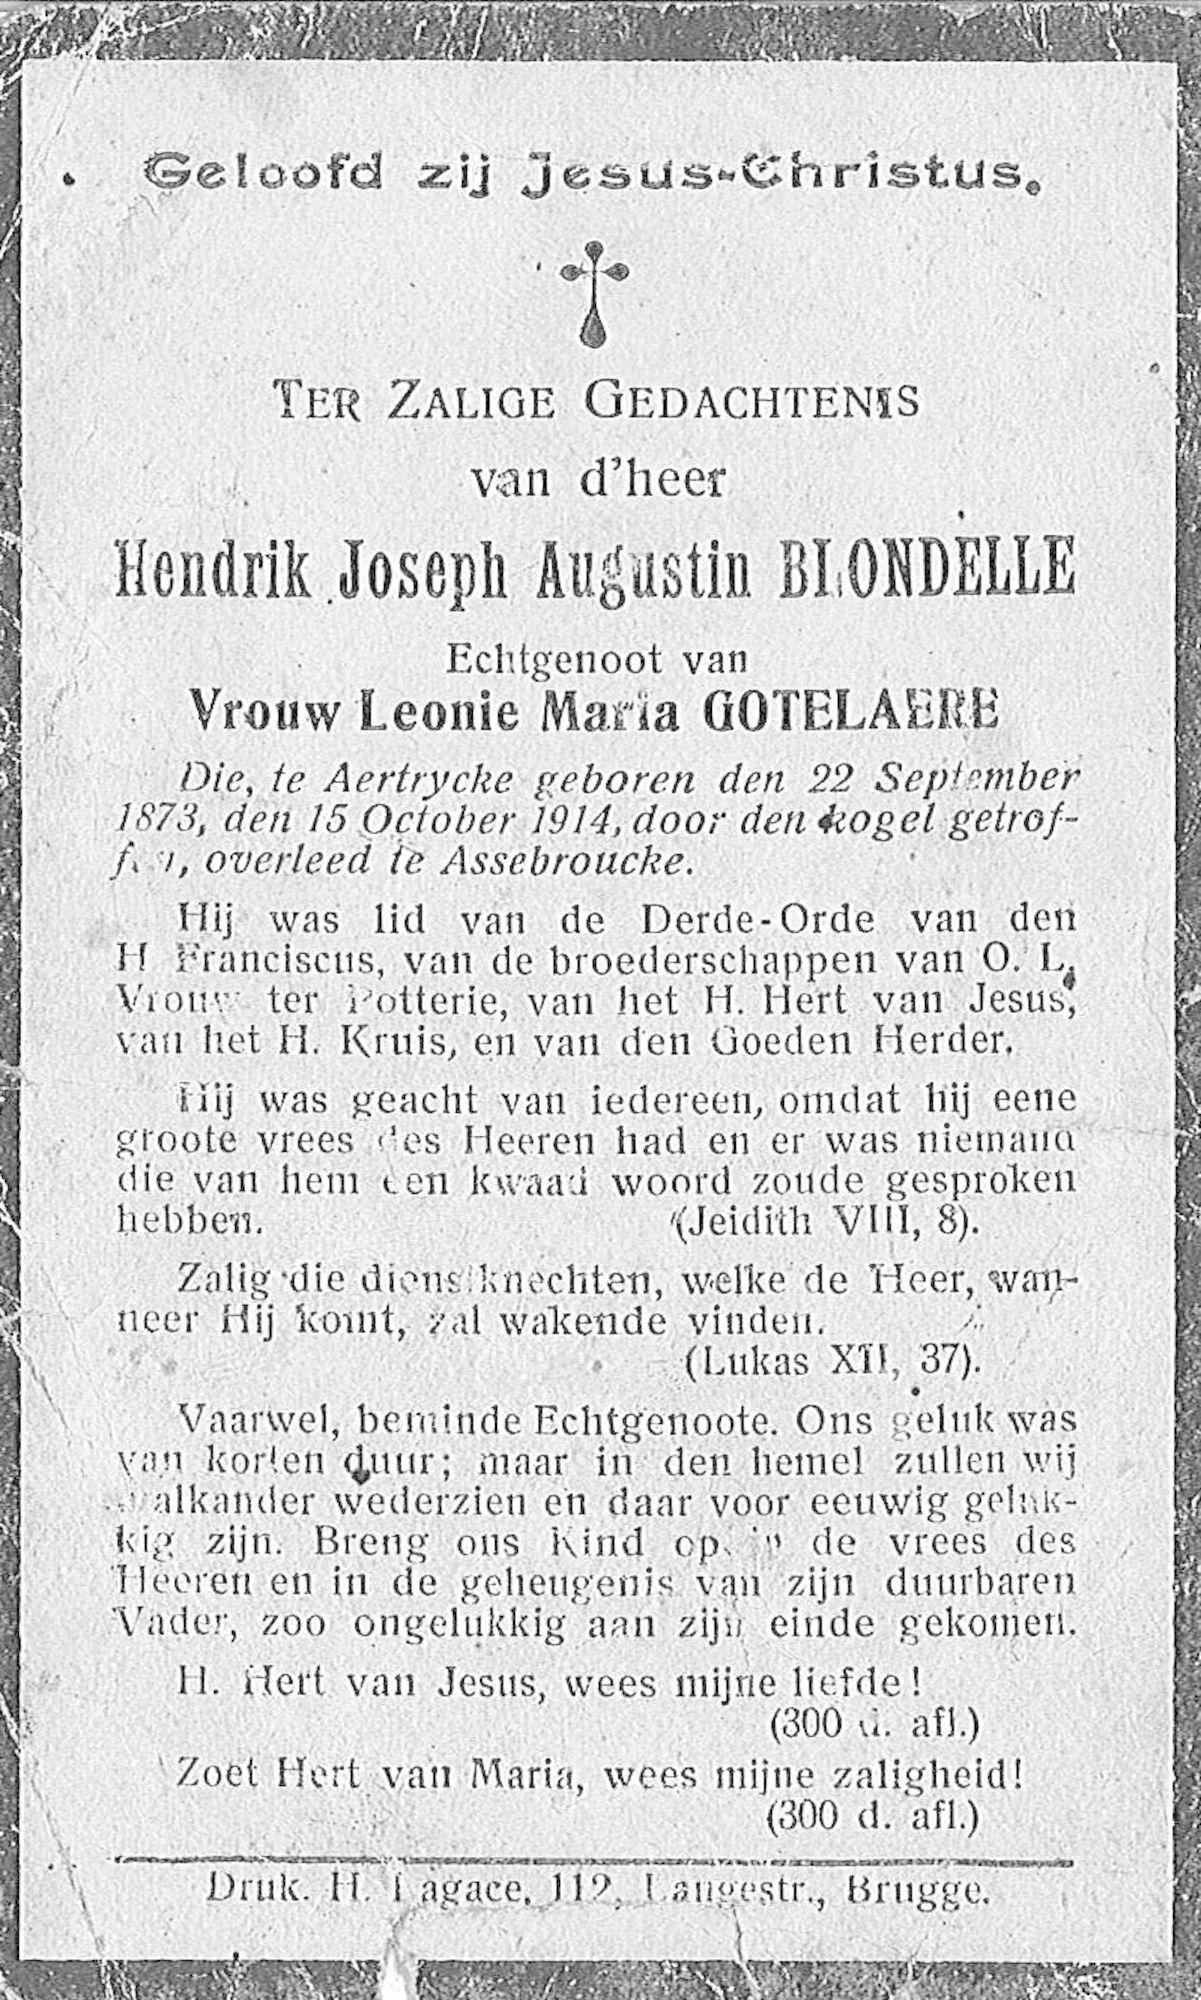 Hendrik-Joseph-Augustin Blondelle